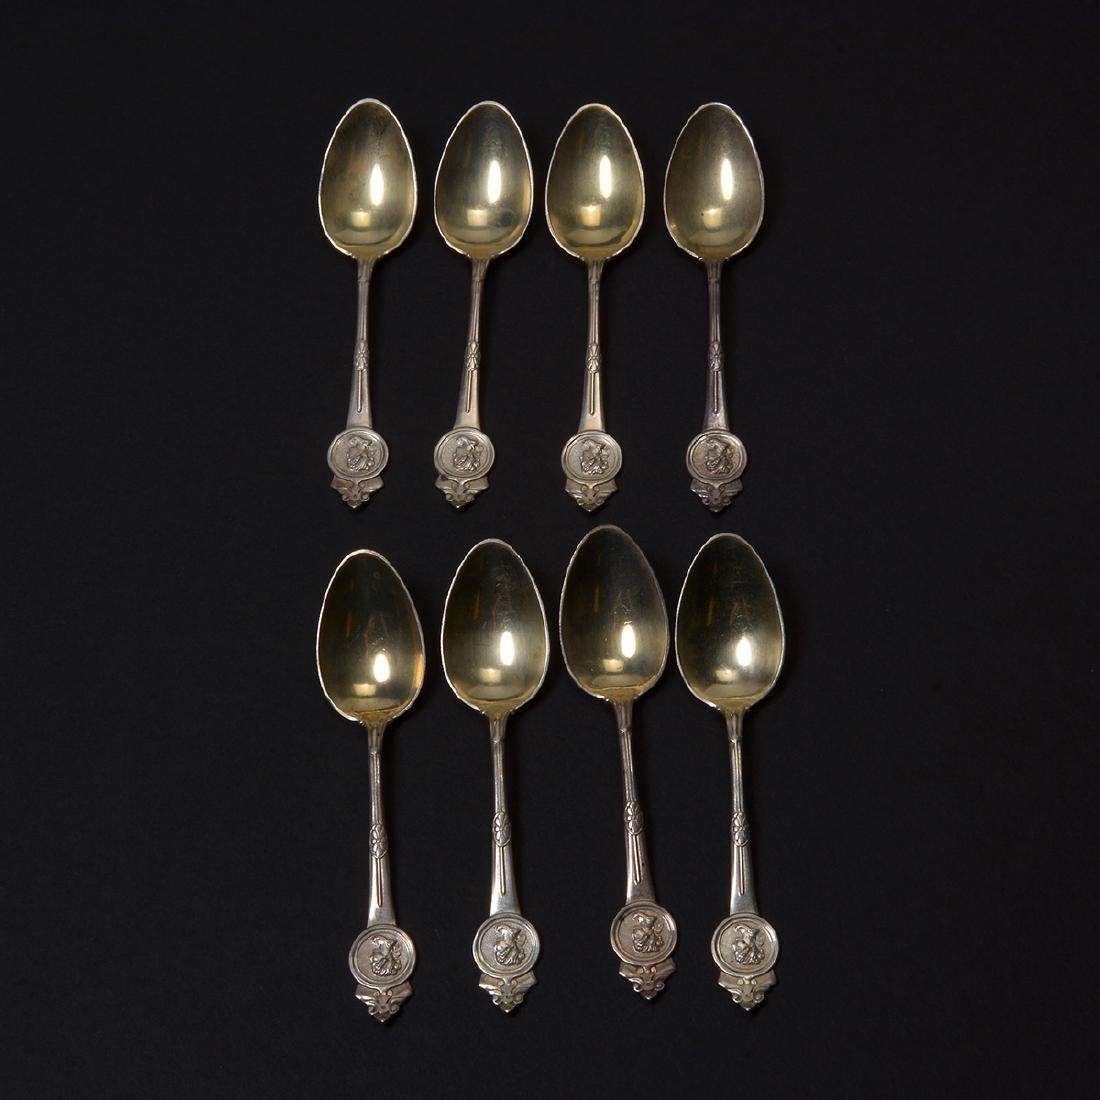 Gorham Medallion Sterling Flatware Set (111 pcs) - 6